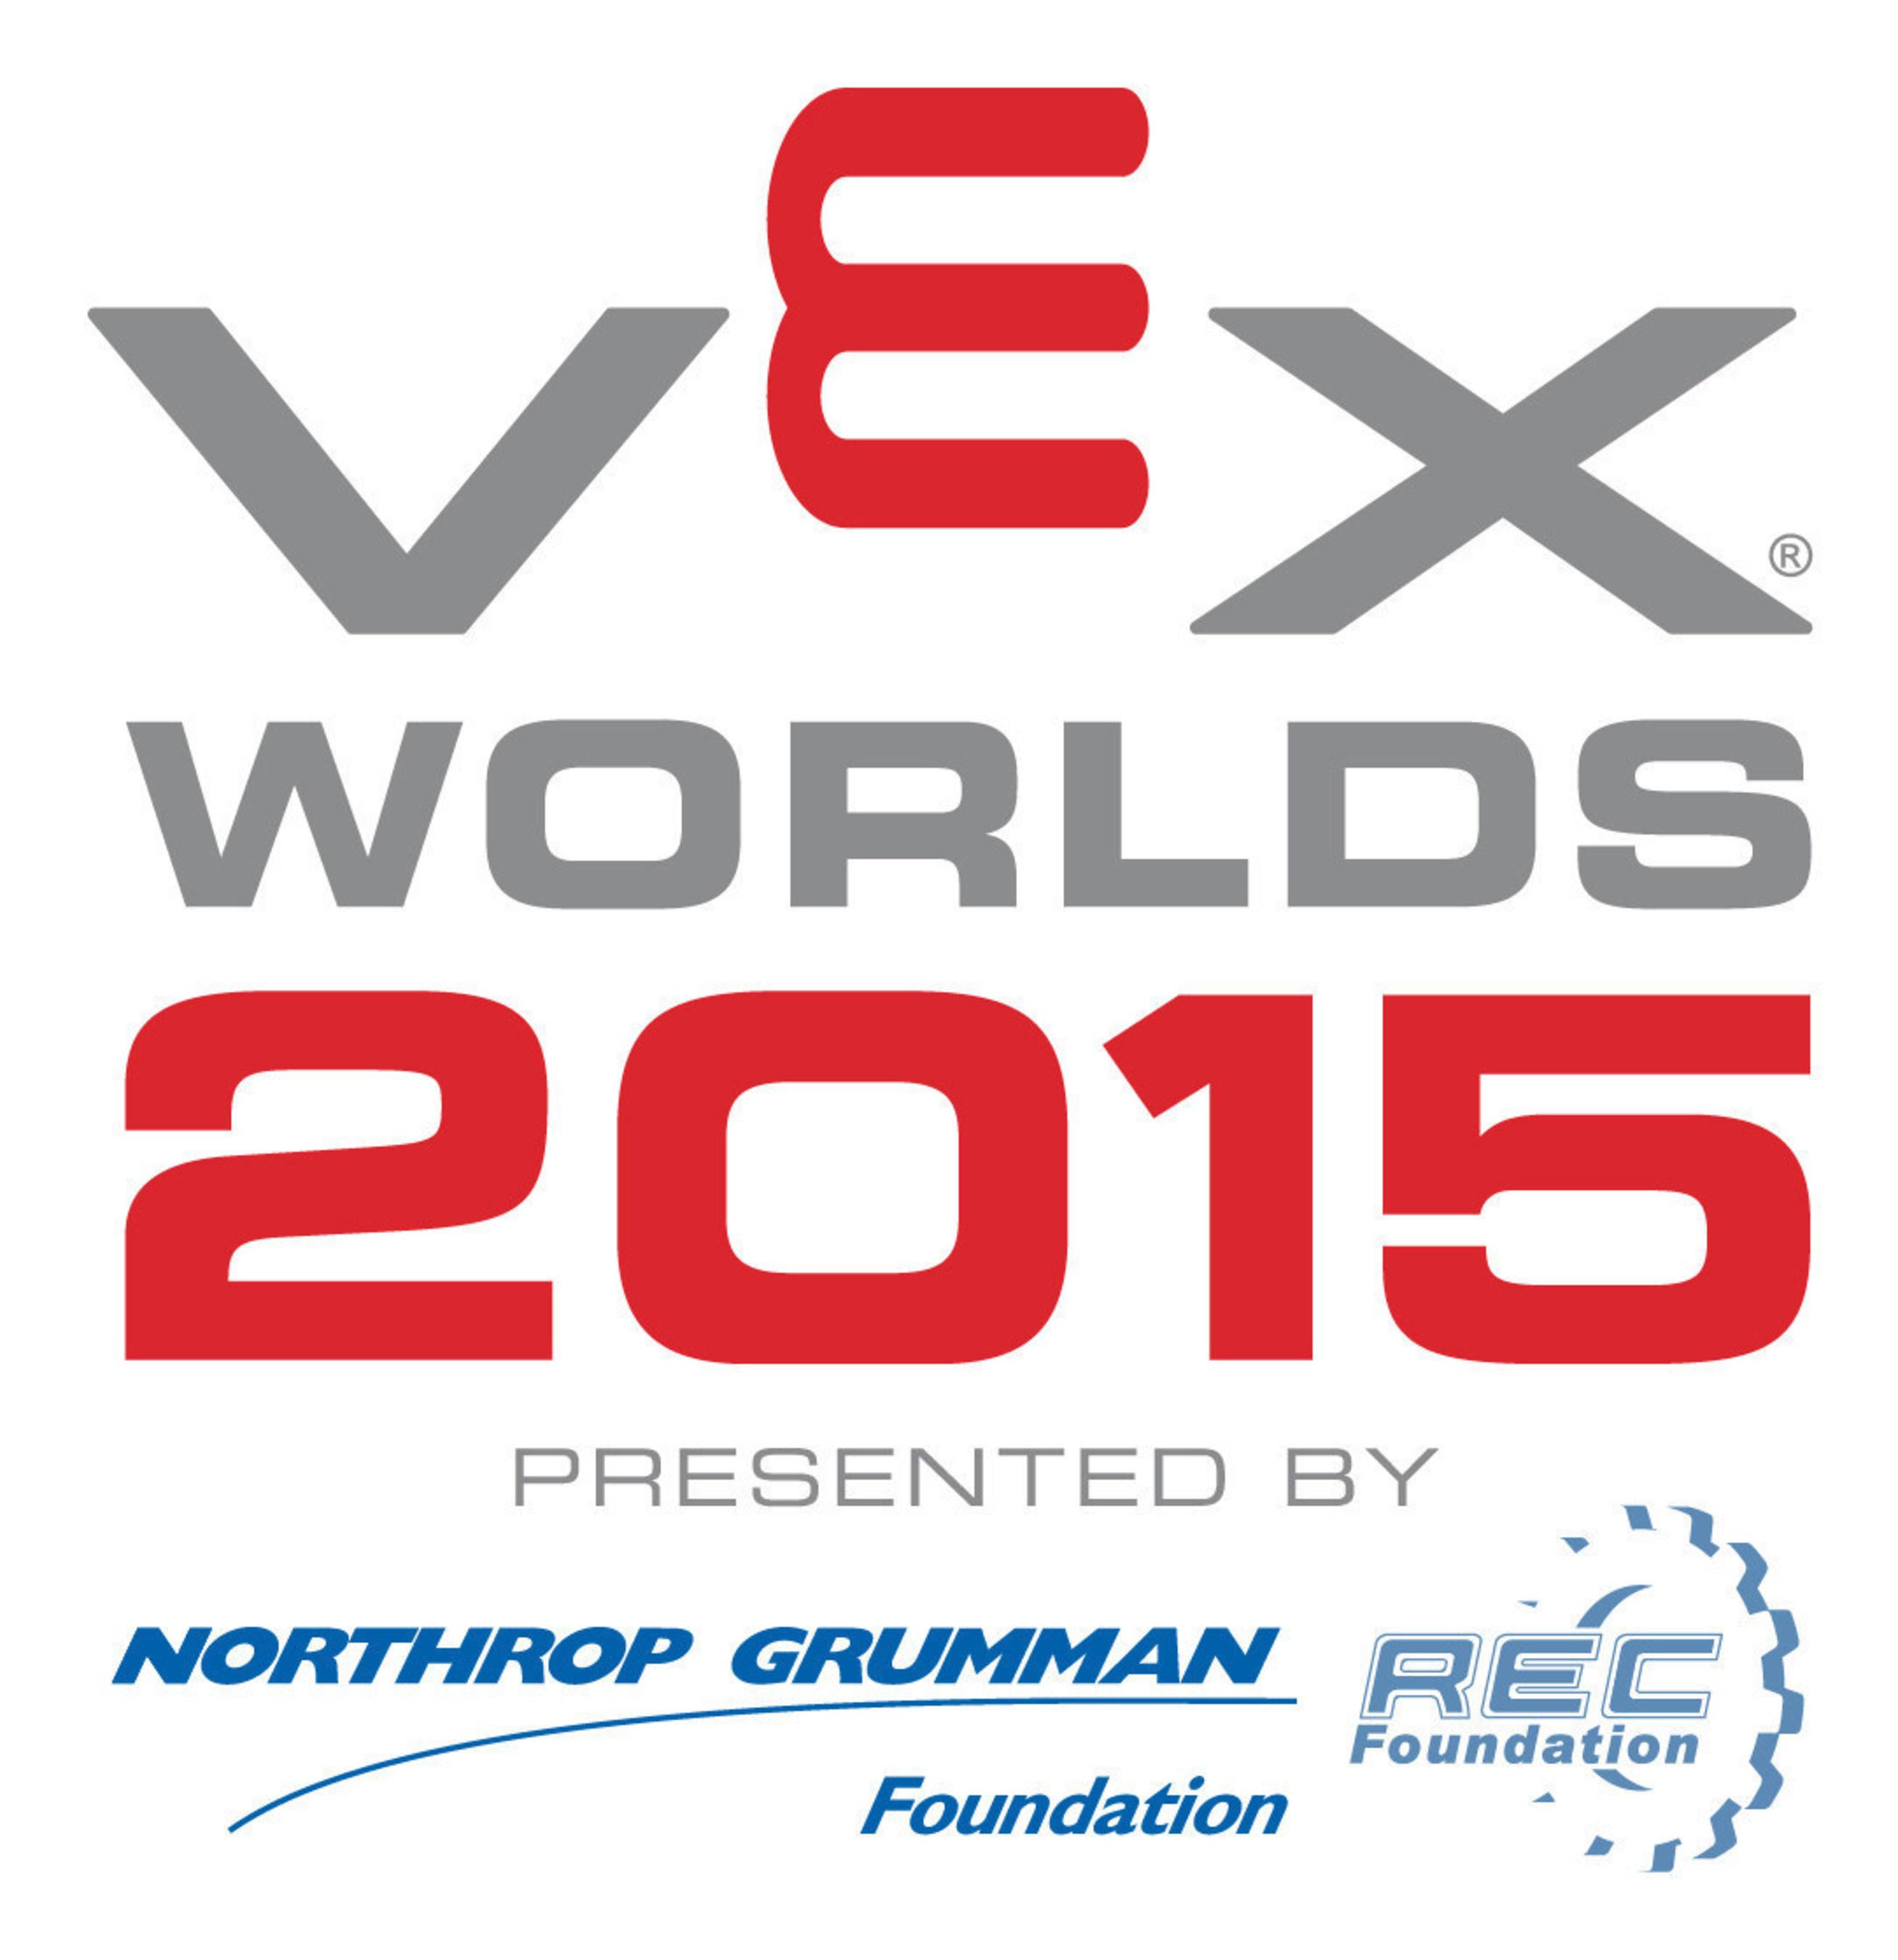 VEX Worlds 2015